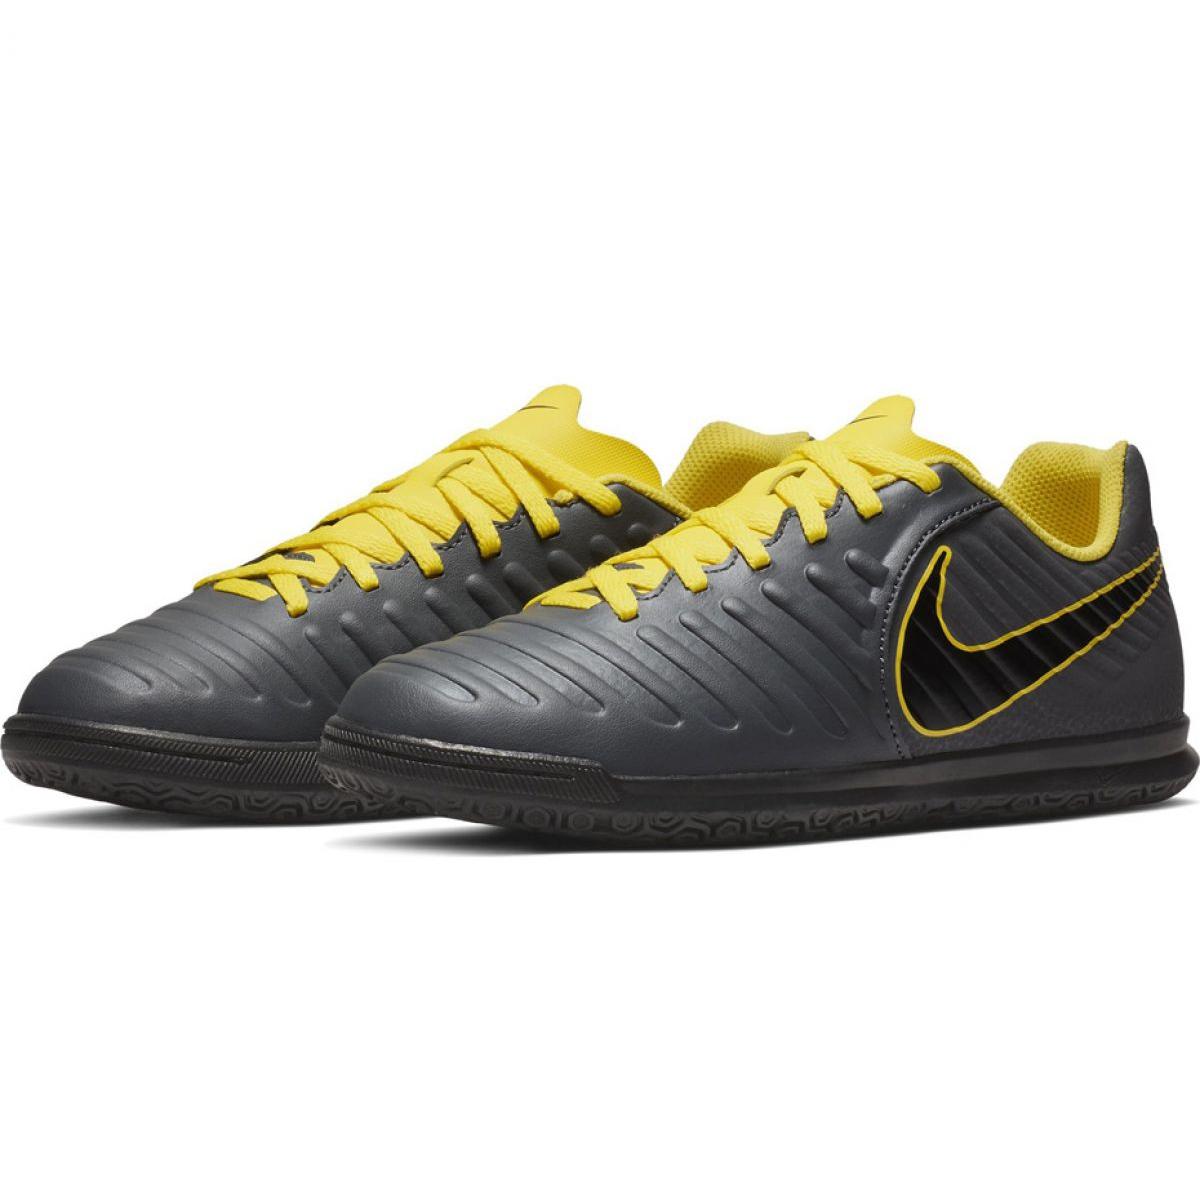 Zapatos Club Ah7260 Interior Legend De 7 Tiempo Ic Jr 070 Nike bgYvf7ymI6